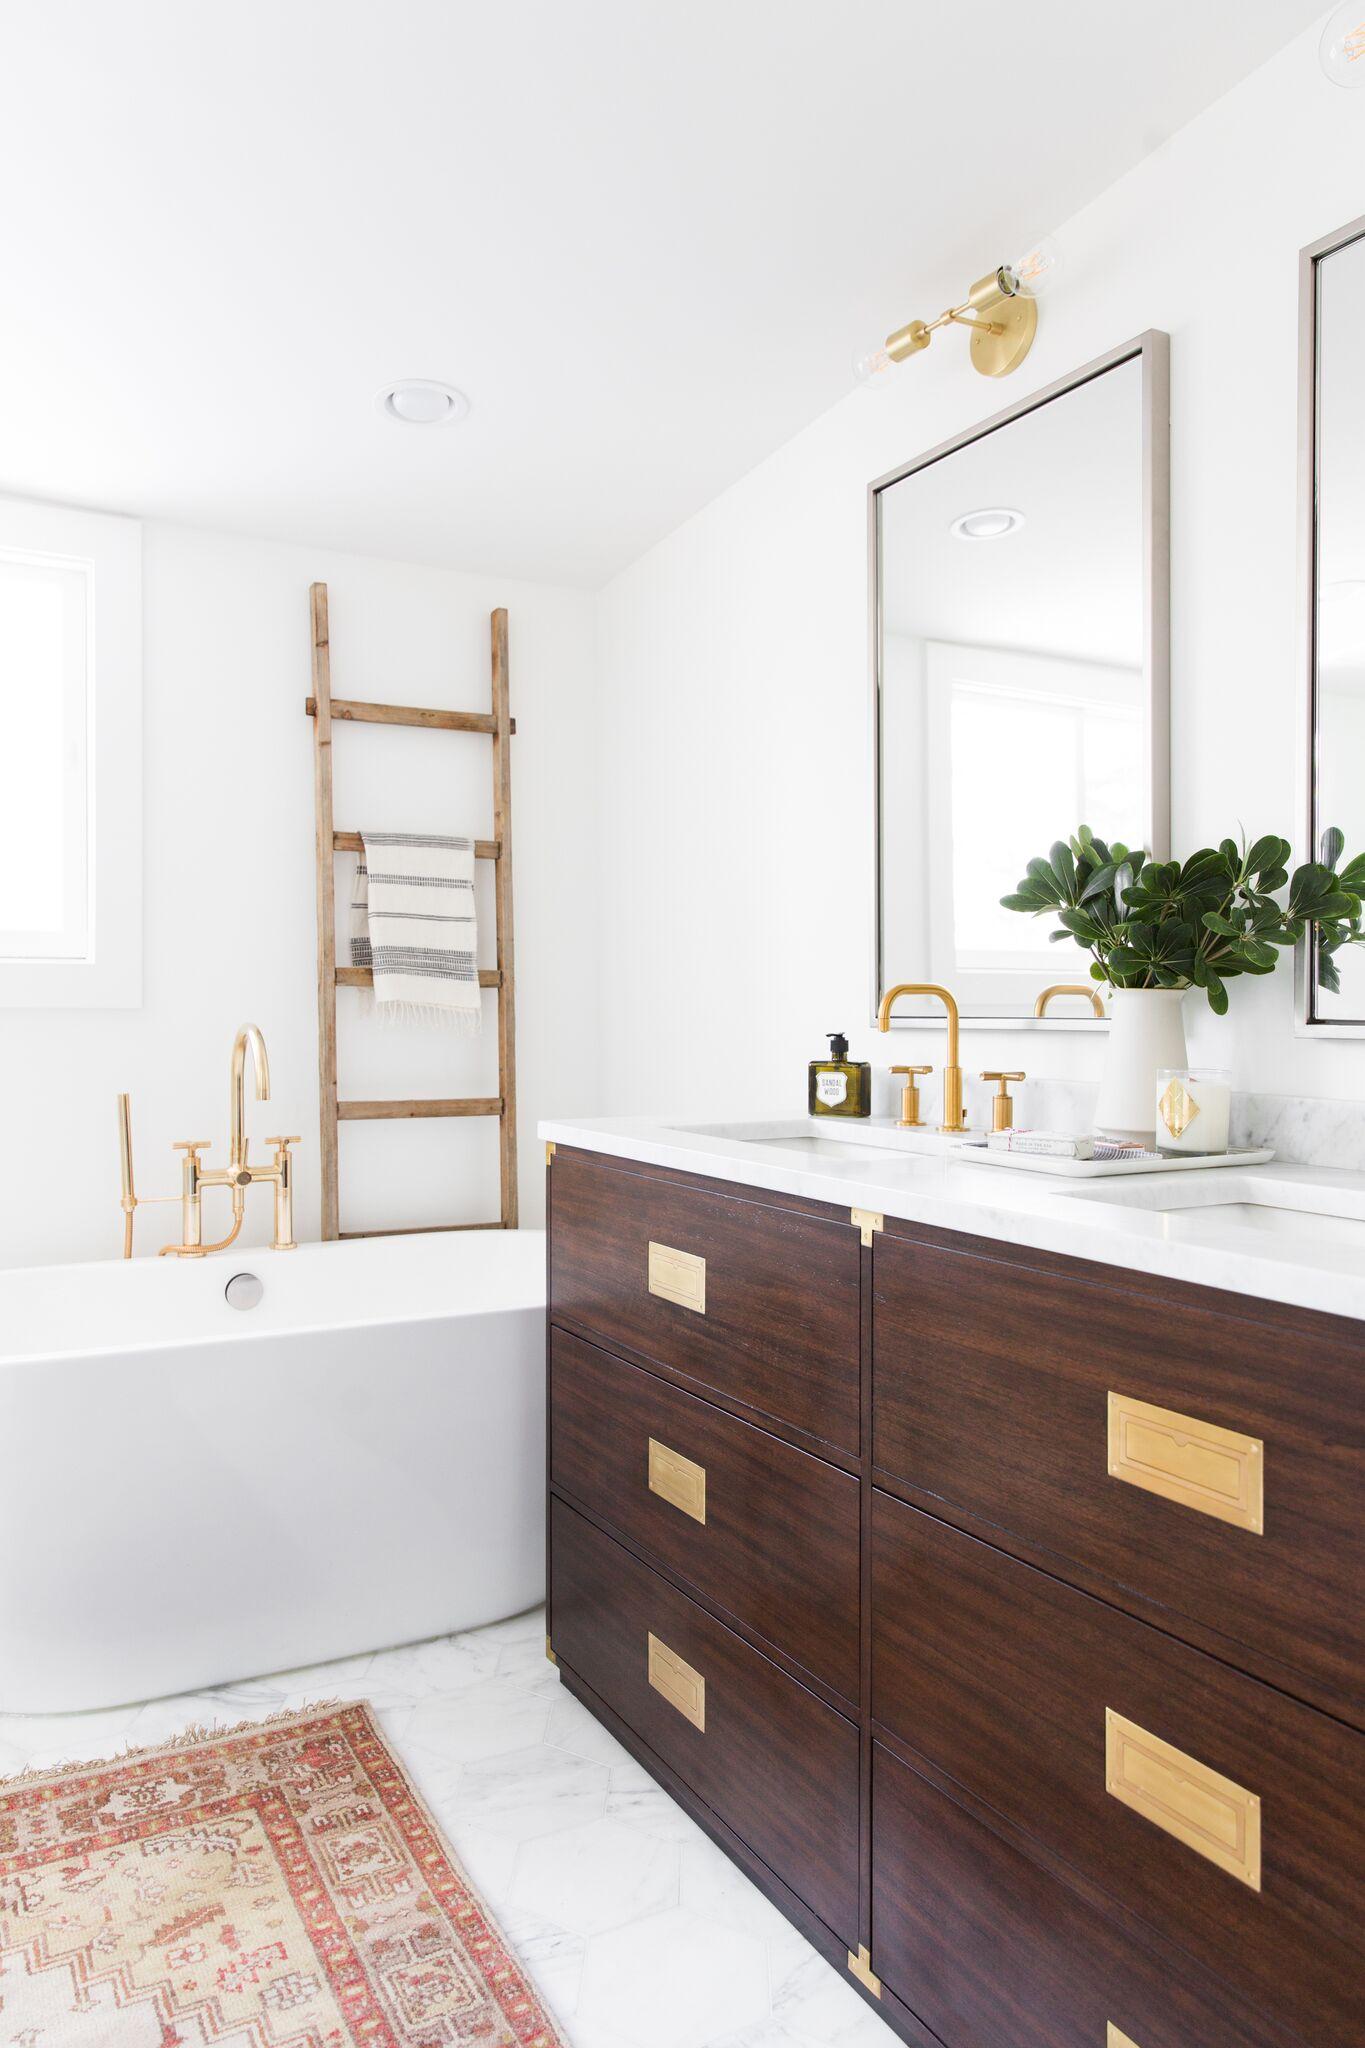 badkamer-renovatie-klassiek